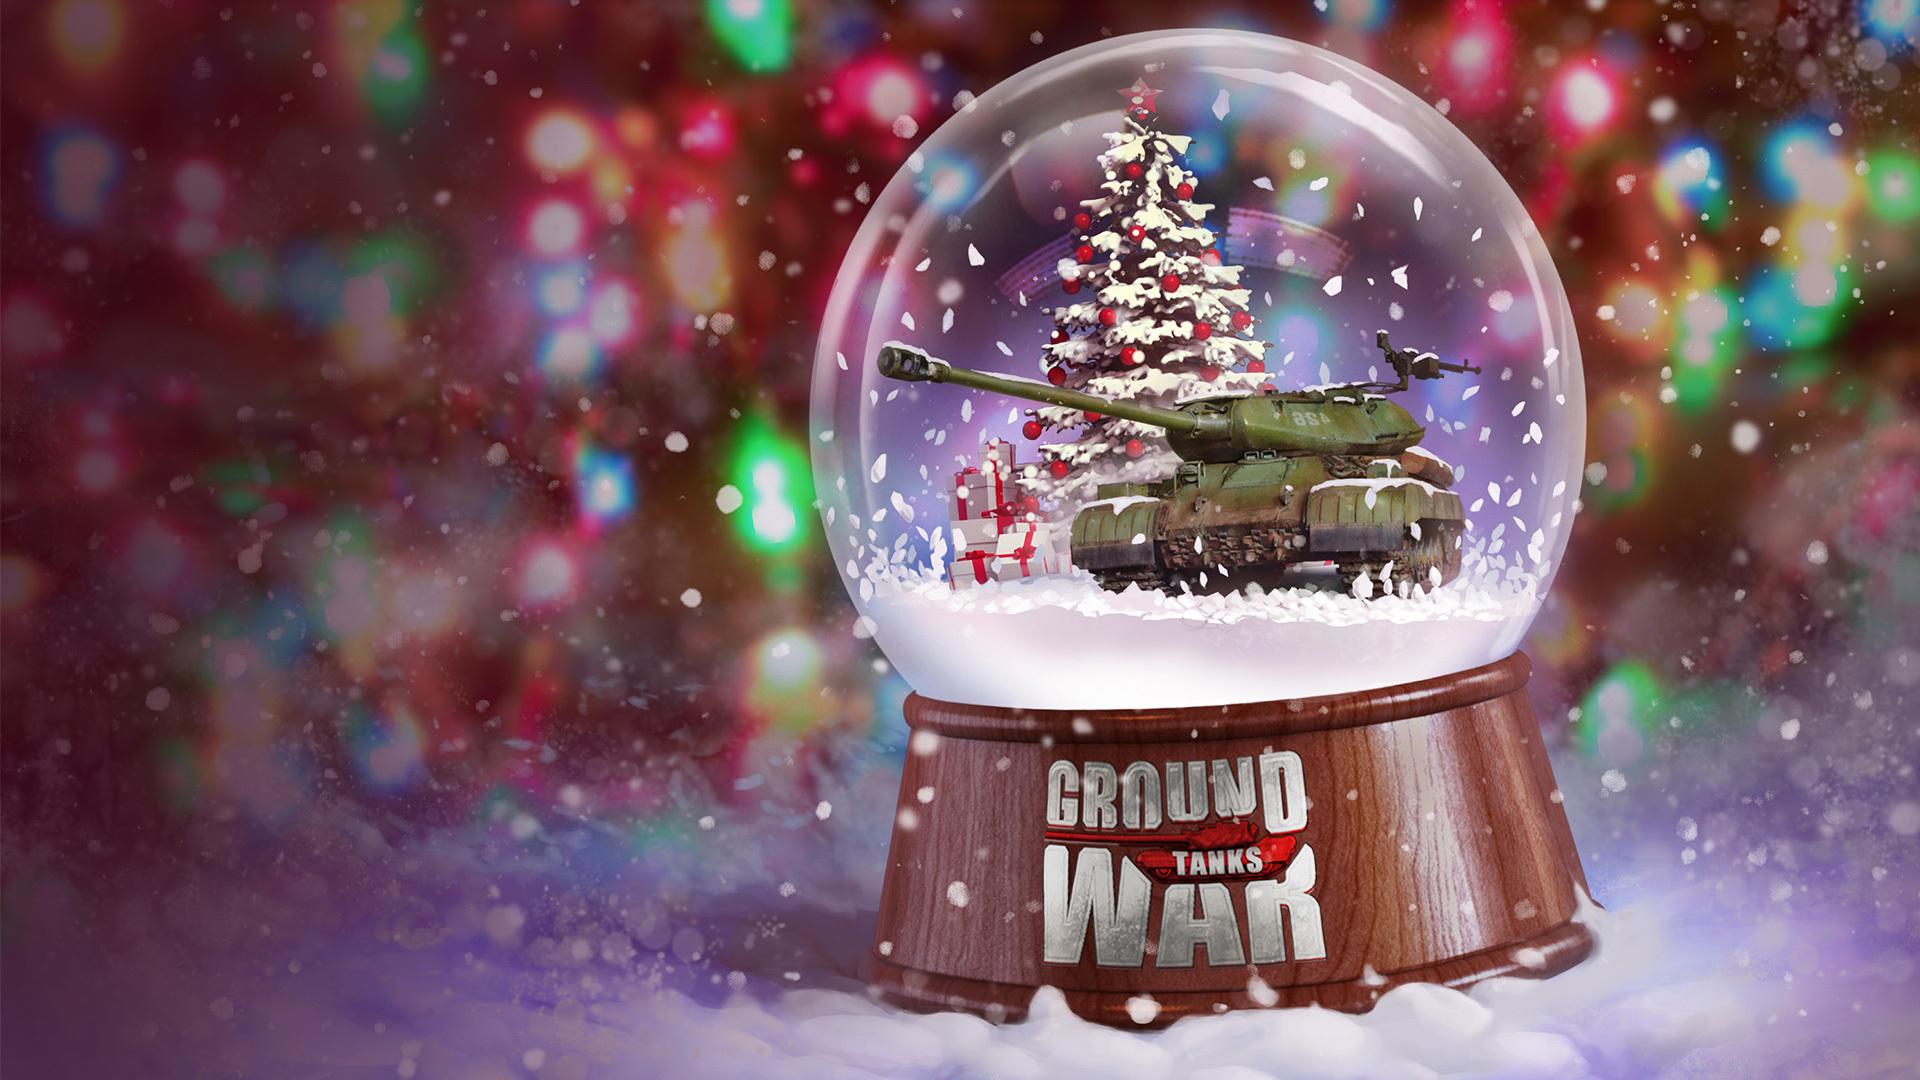 Картинка новогоднего шара вот блиц